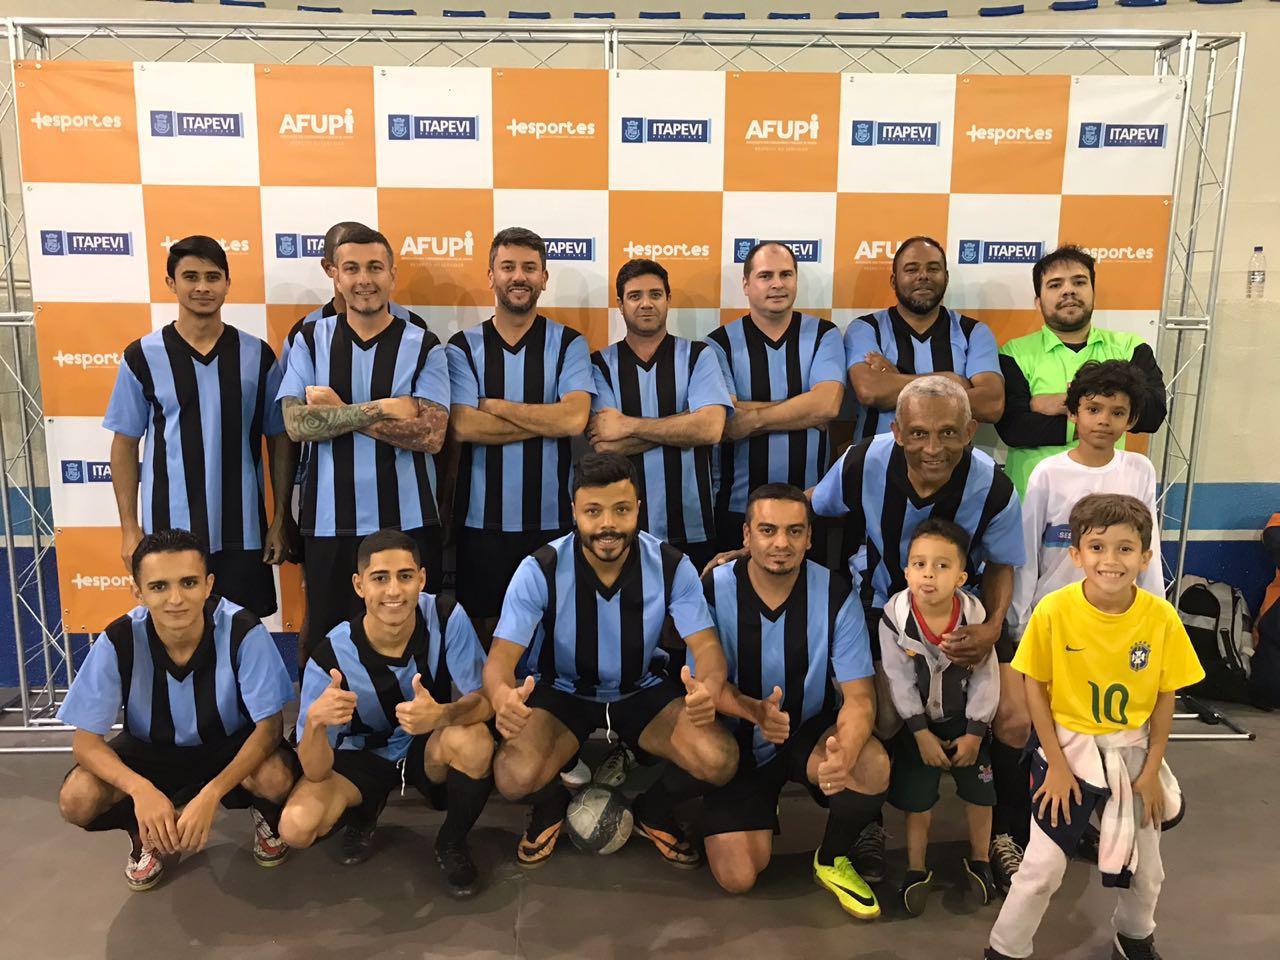 6e2a22a581 Câmara de Itapevi já está na final de futsal nas Olimpíadas dos ...